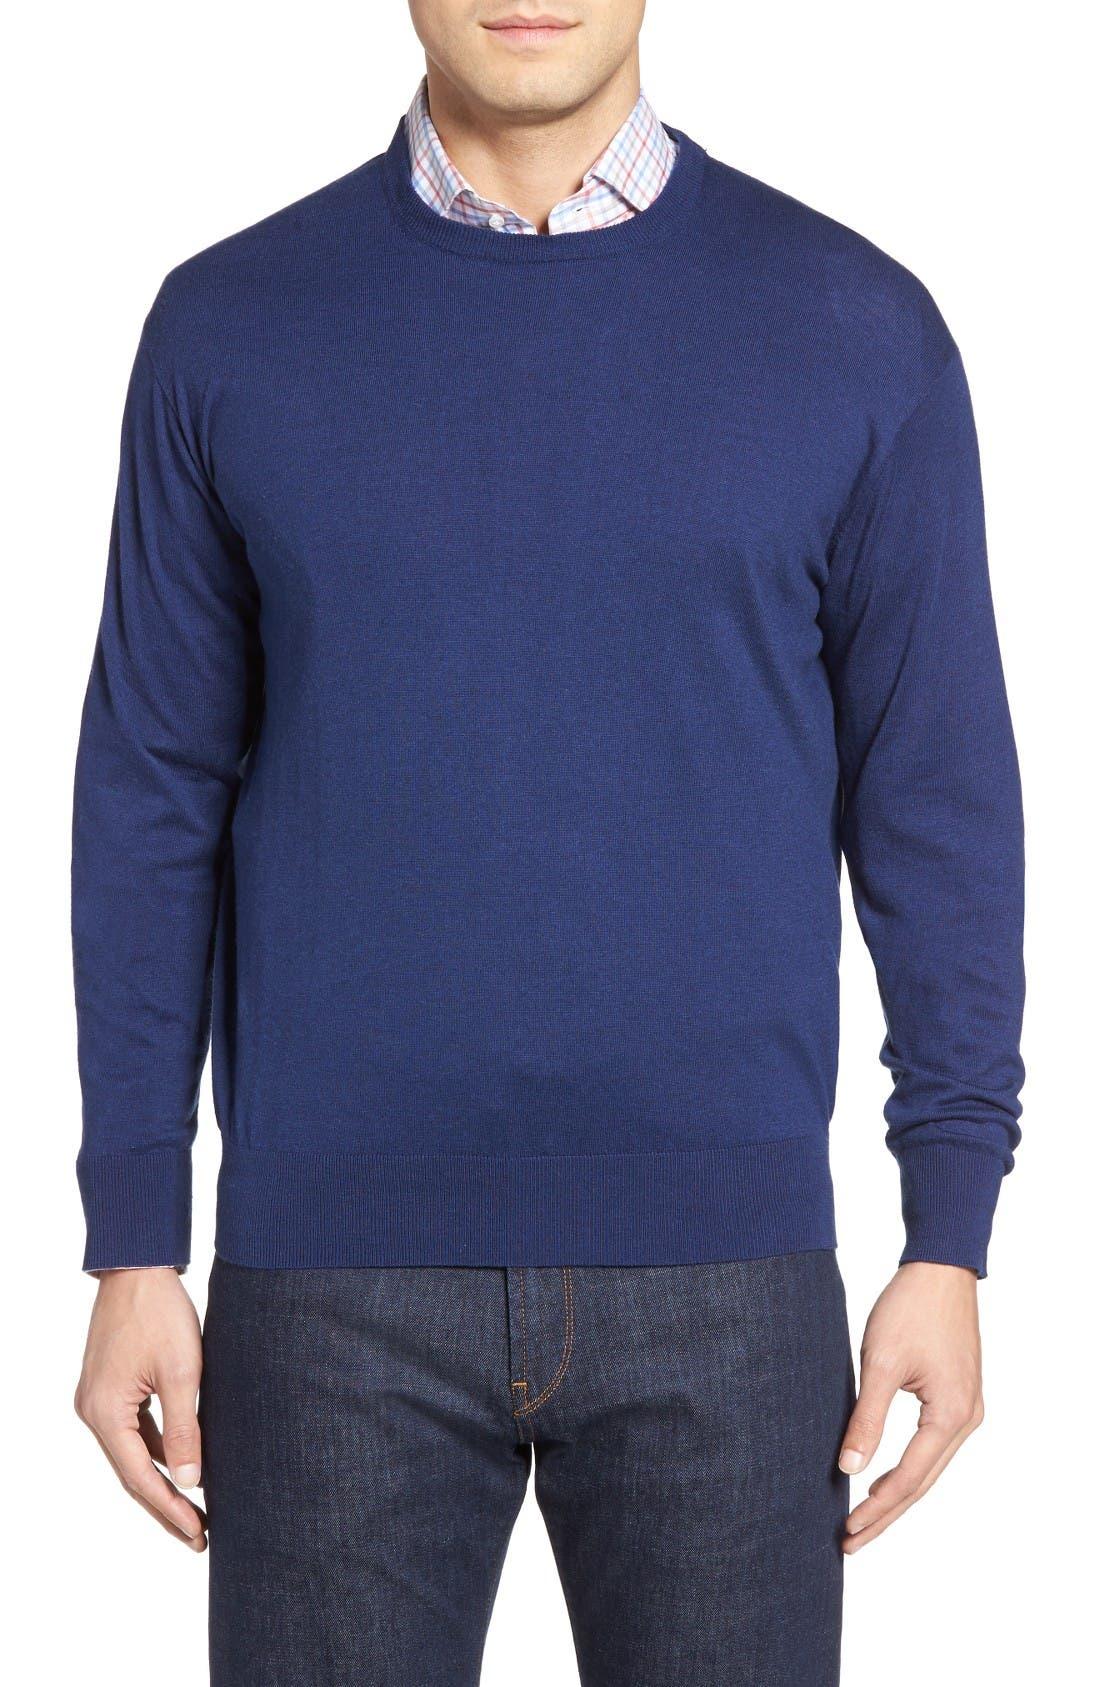 Alternate Image 1 Selected - Peter Millar Crown Sweatshirt